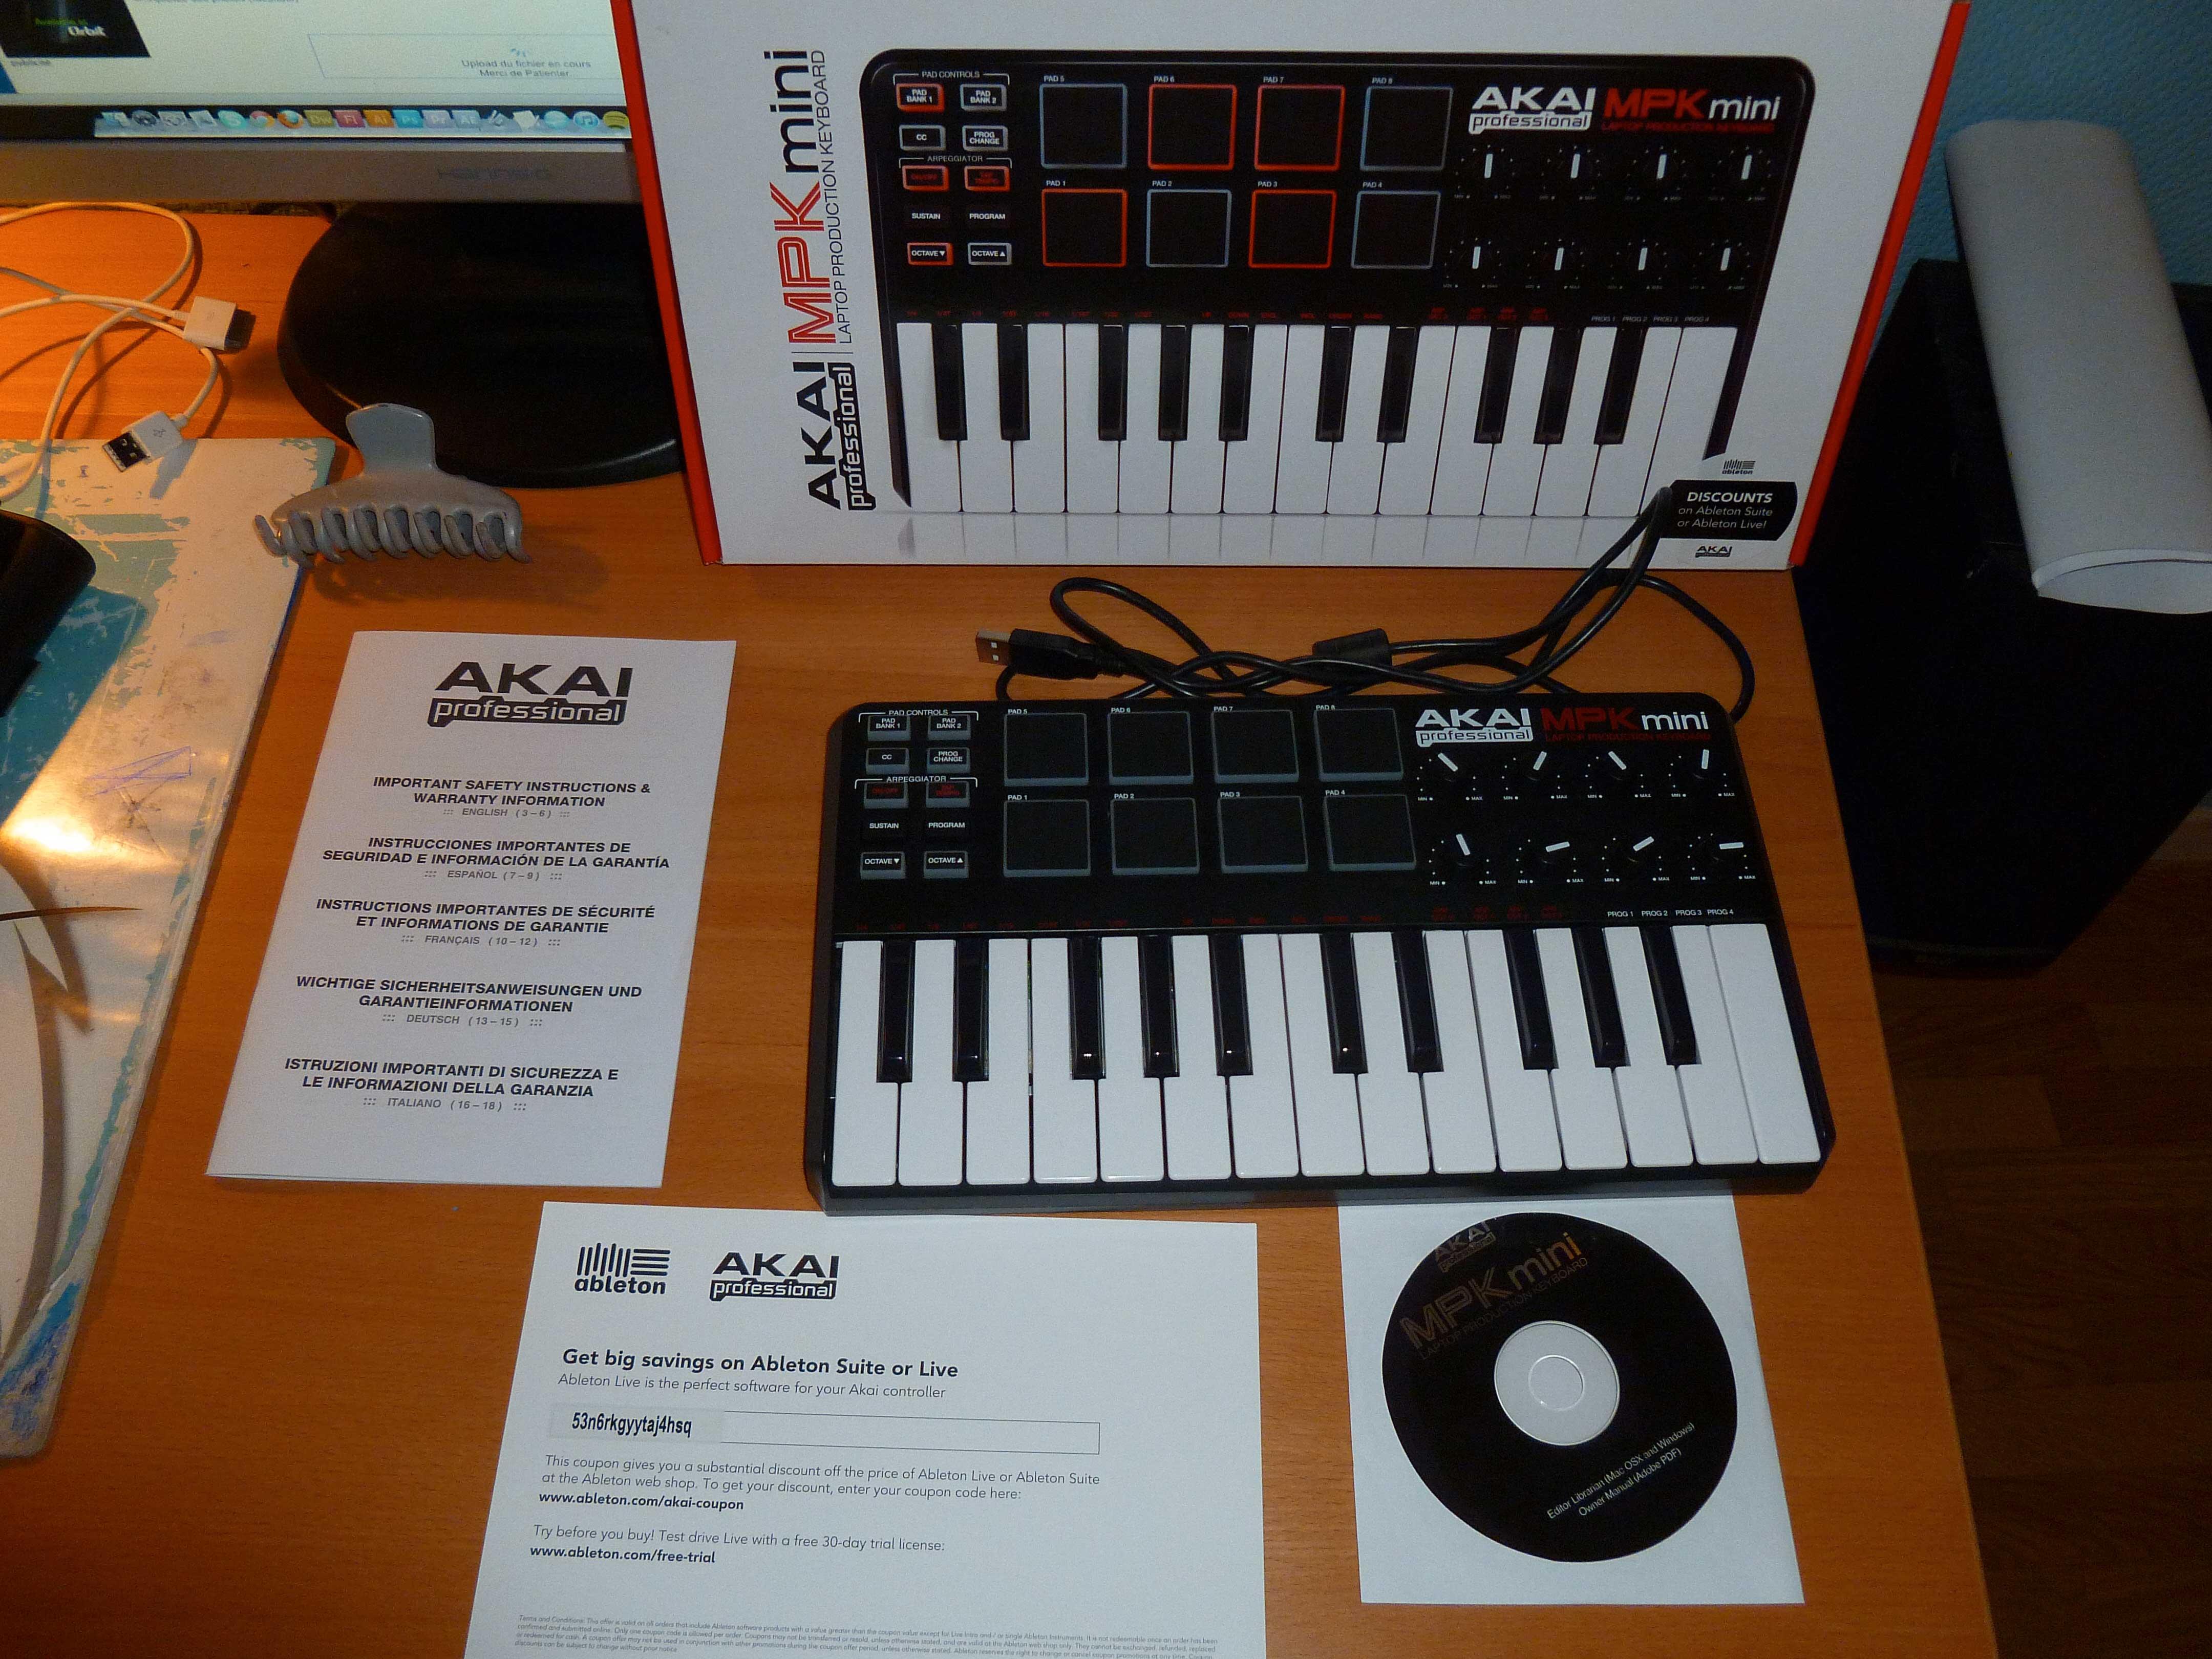 akai mpk mini image 340108 audiofanzine rh en audiofanzine com Akai MPK25 Tutorial Akai MPK Mini Cord Replacements